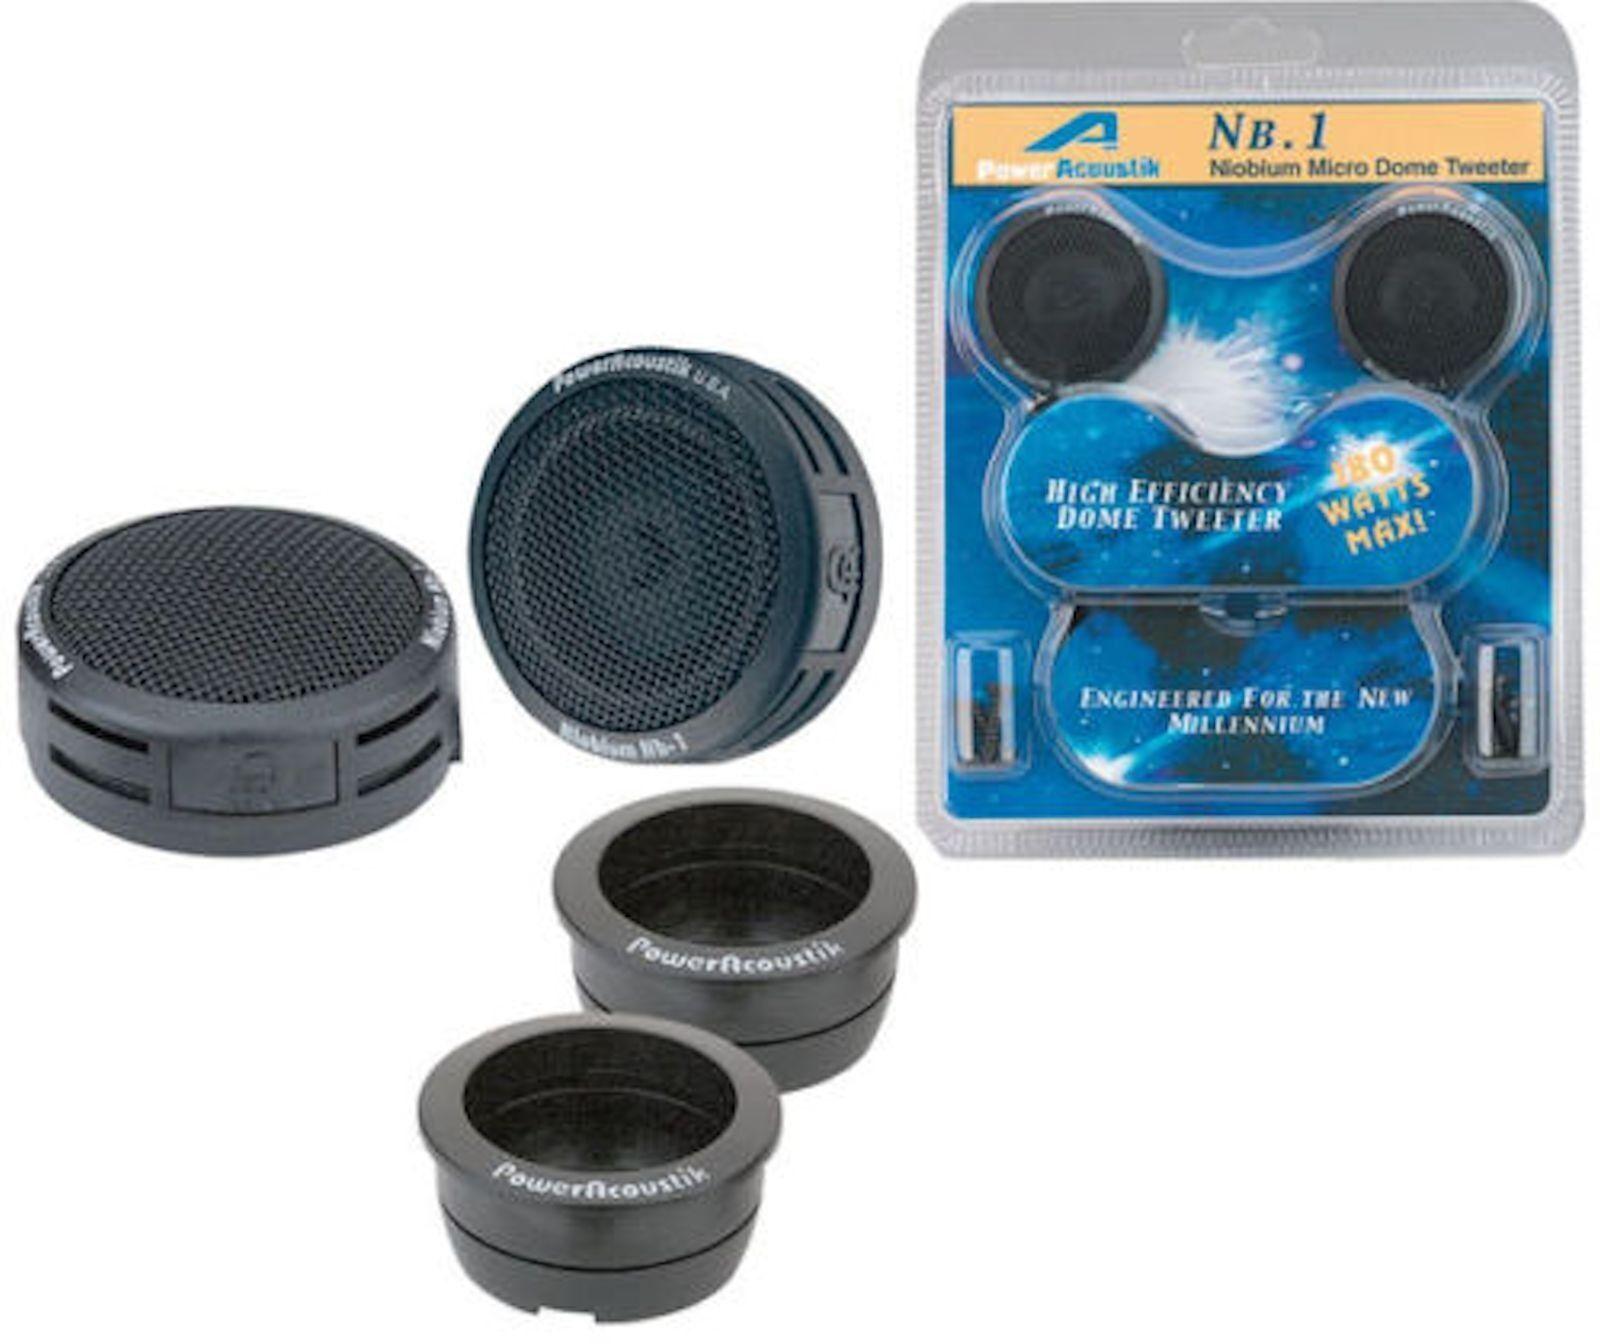 Power Acoustik Nb 2 3 Way 1in Car Speaker Ebay Jl Audio Xd Acs60 6 Gauge Amplifier Amp Wire Installation Kit